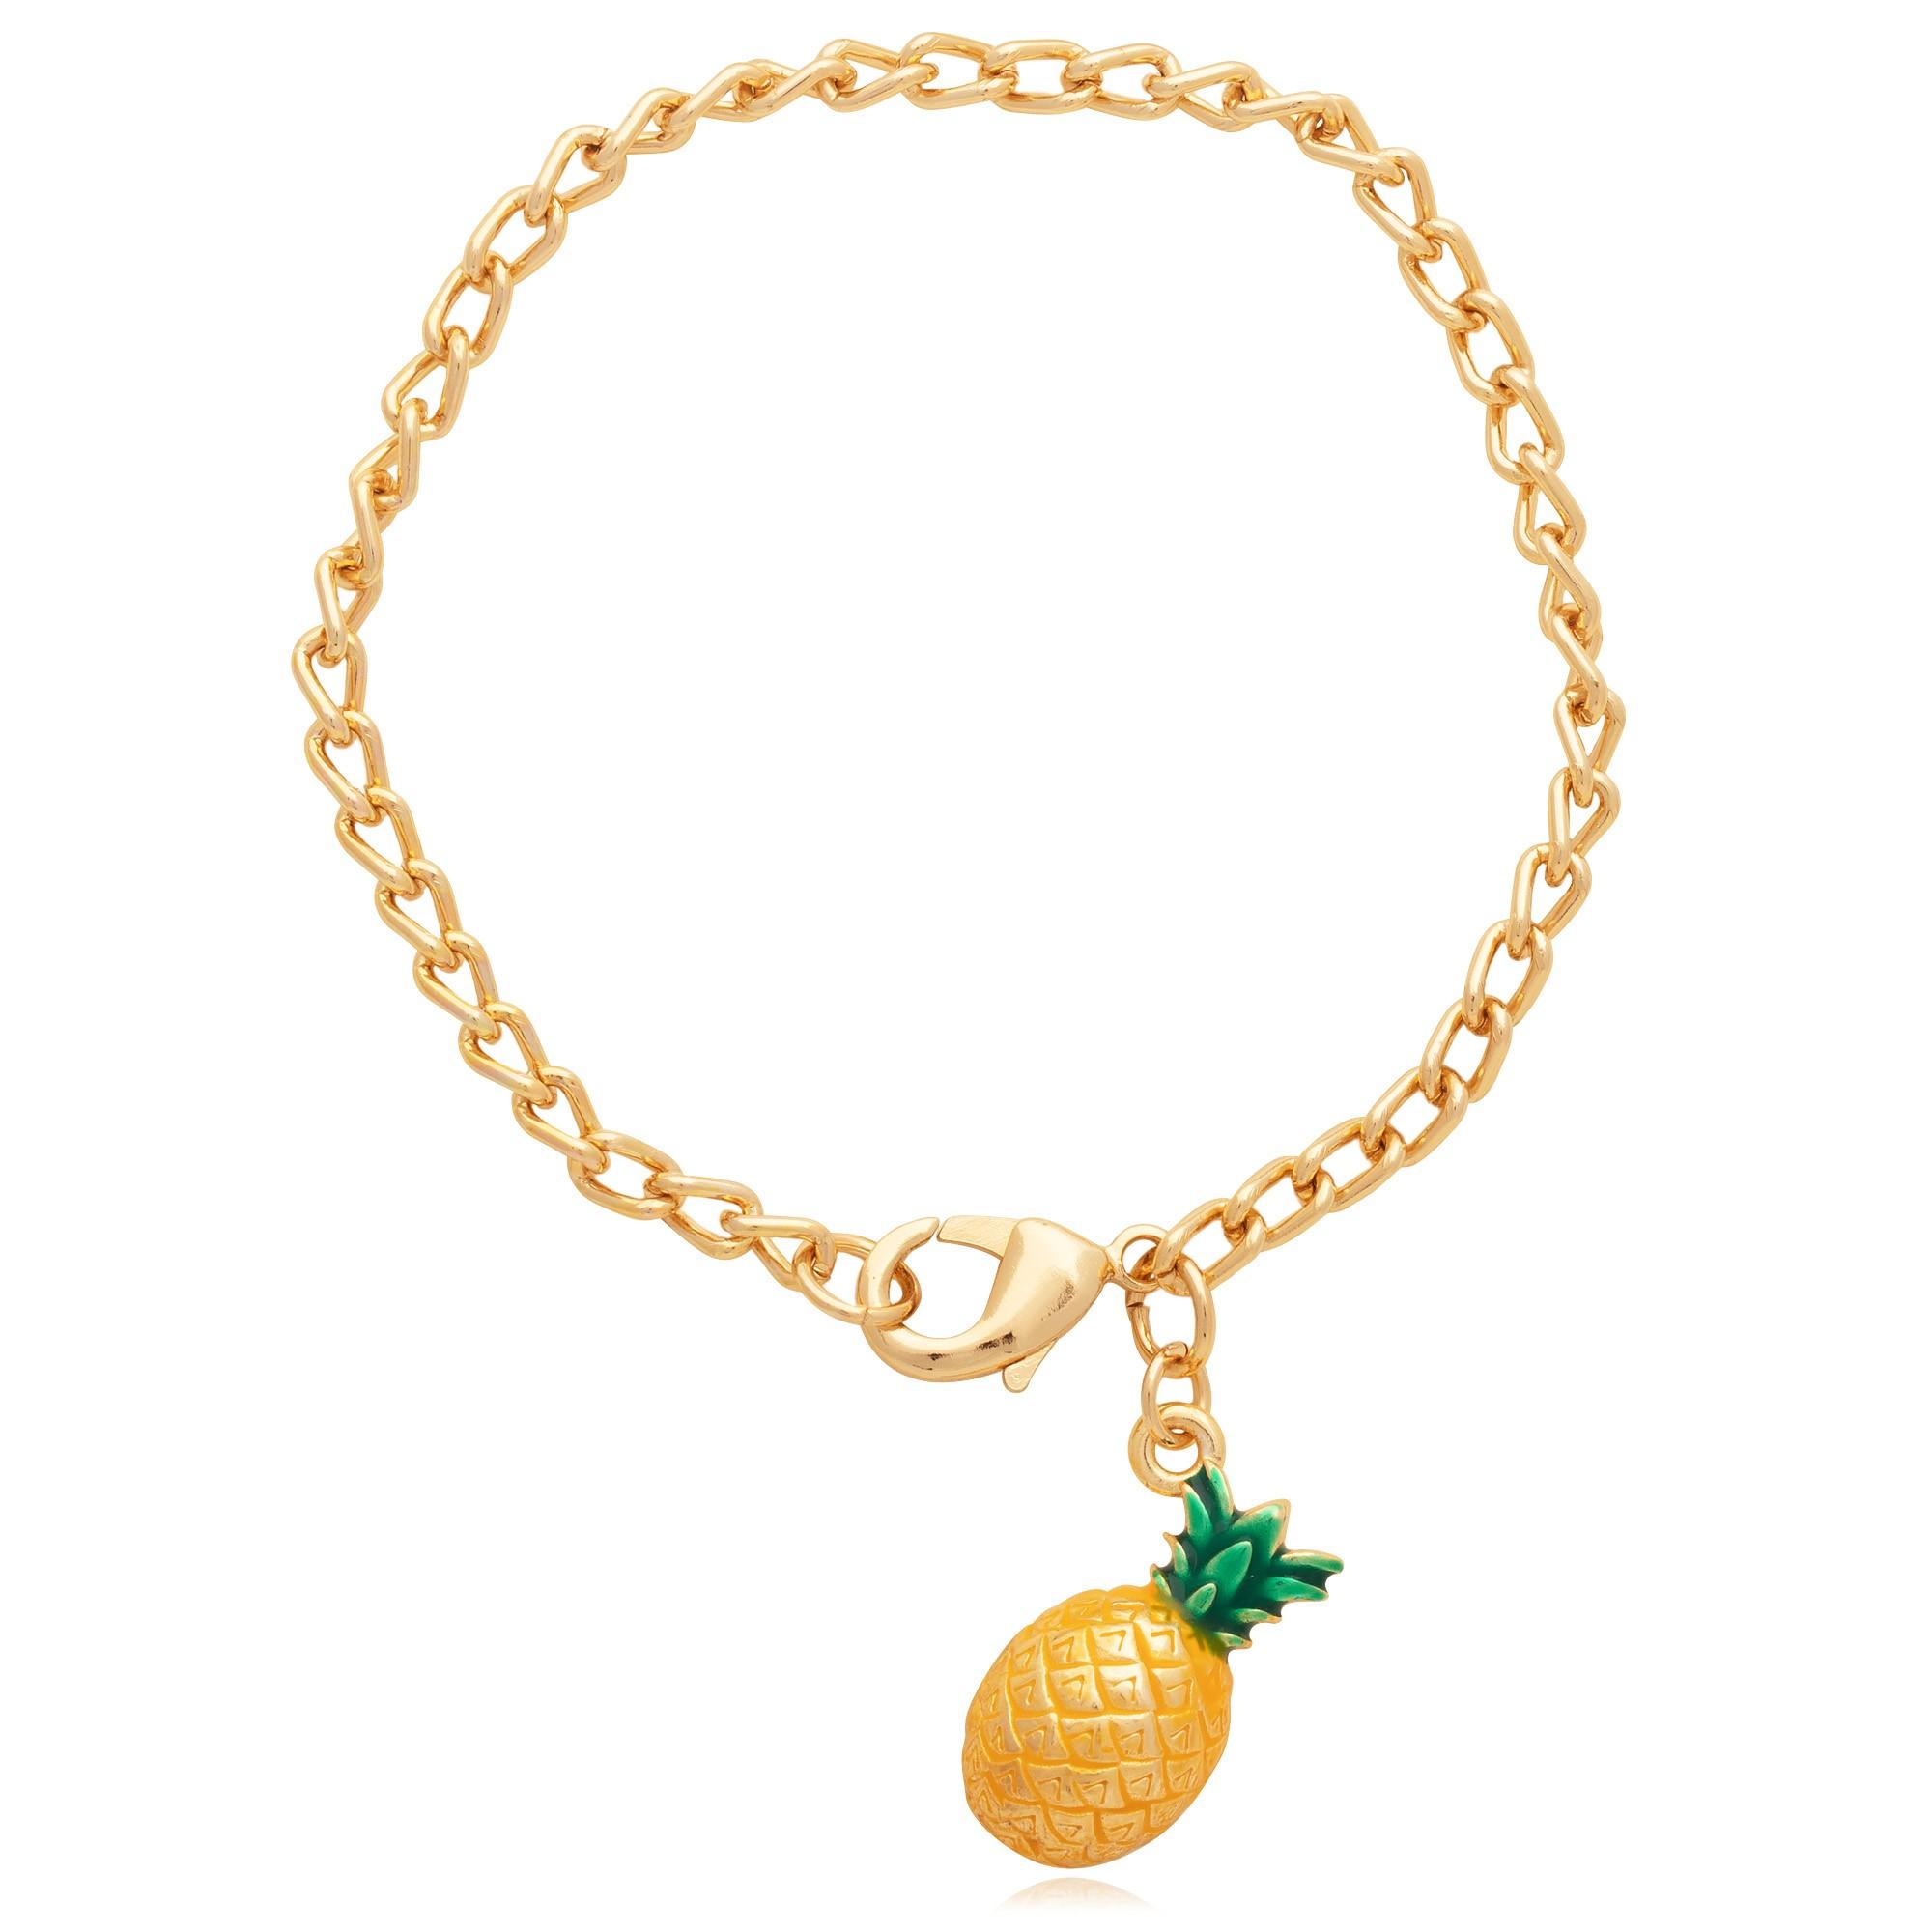 Pulseira banhado À ouro 18k com pingente abacaxi.  - bfdecor.com.br